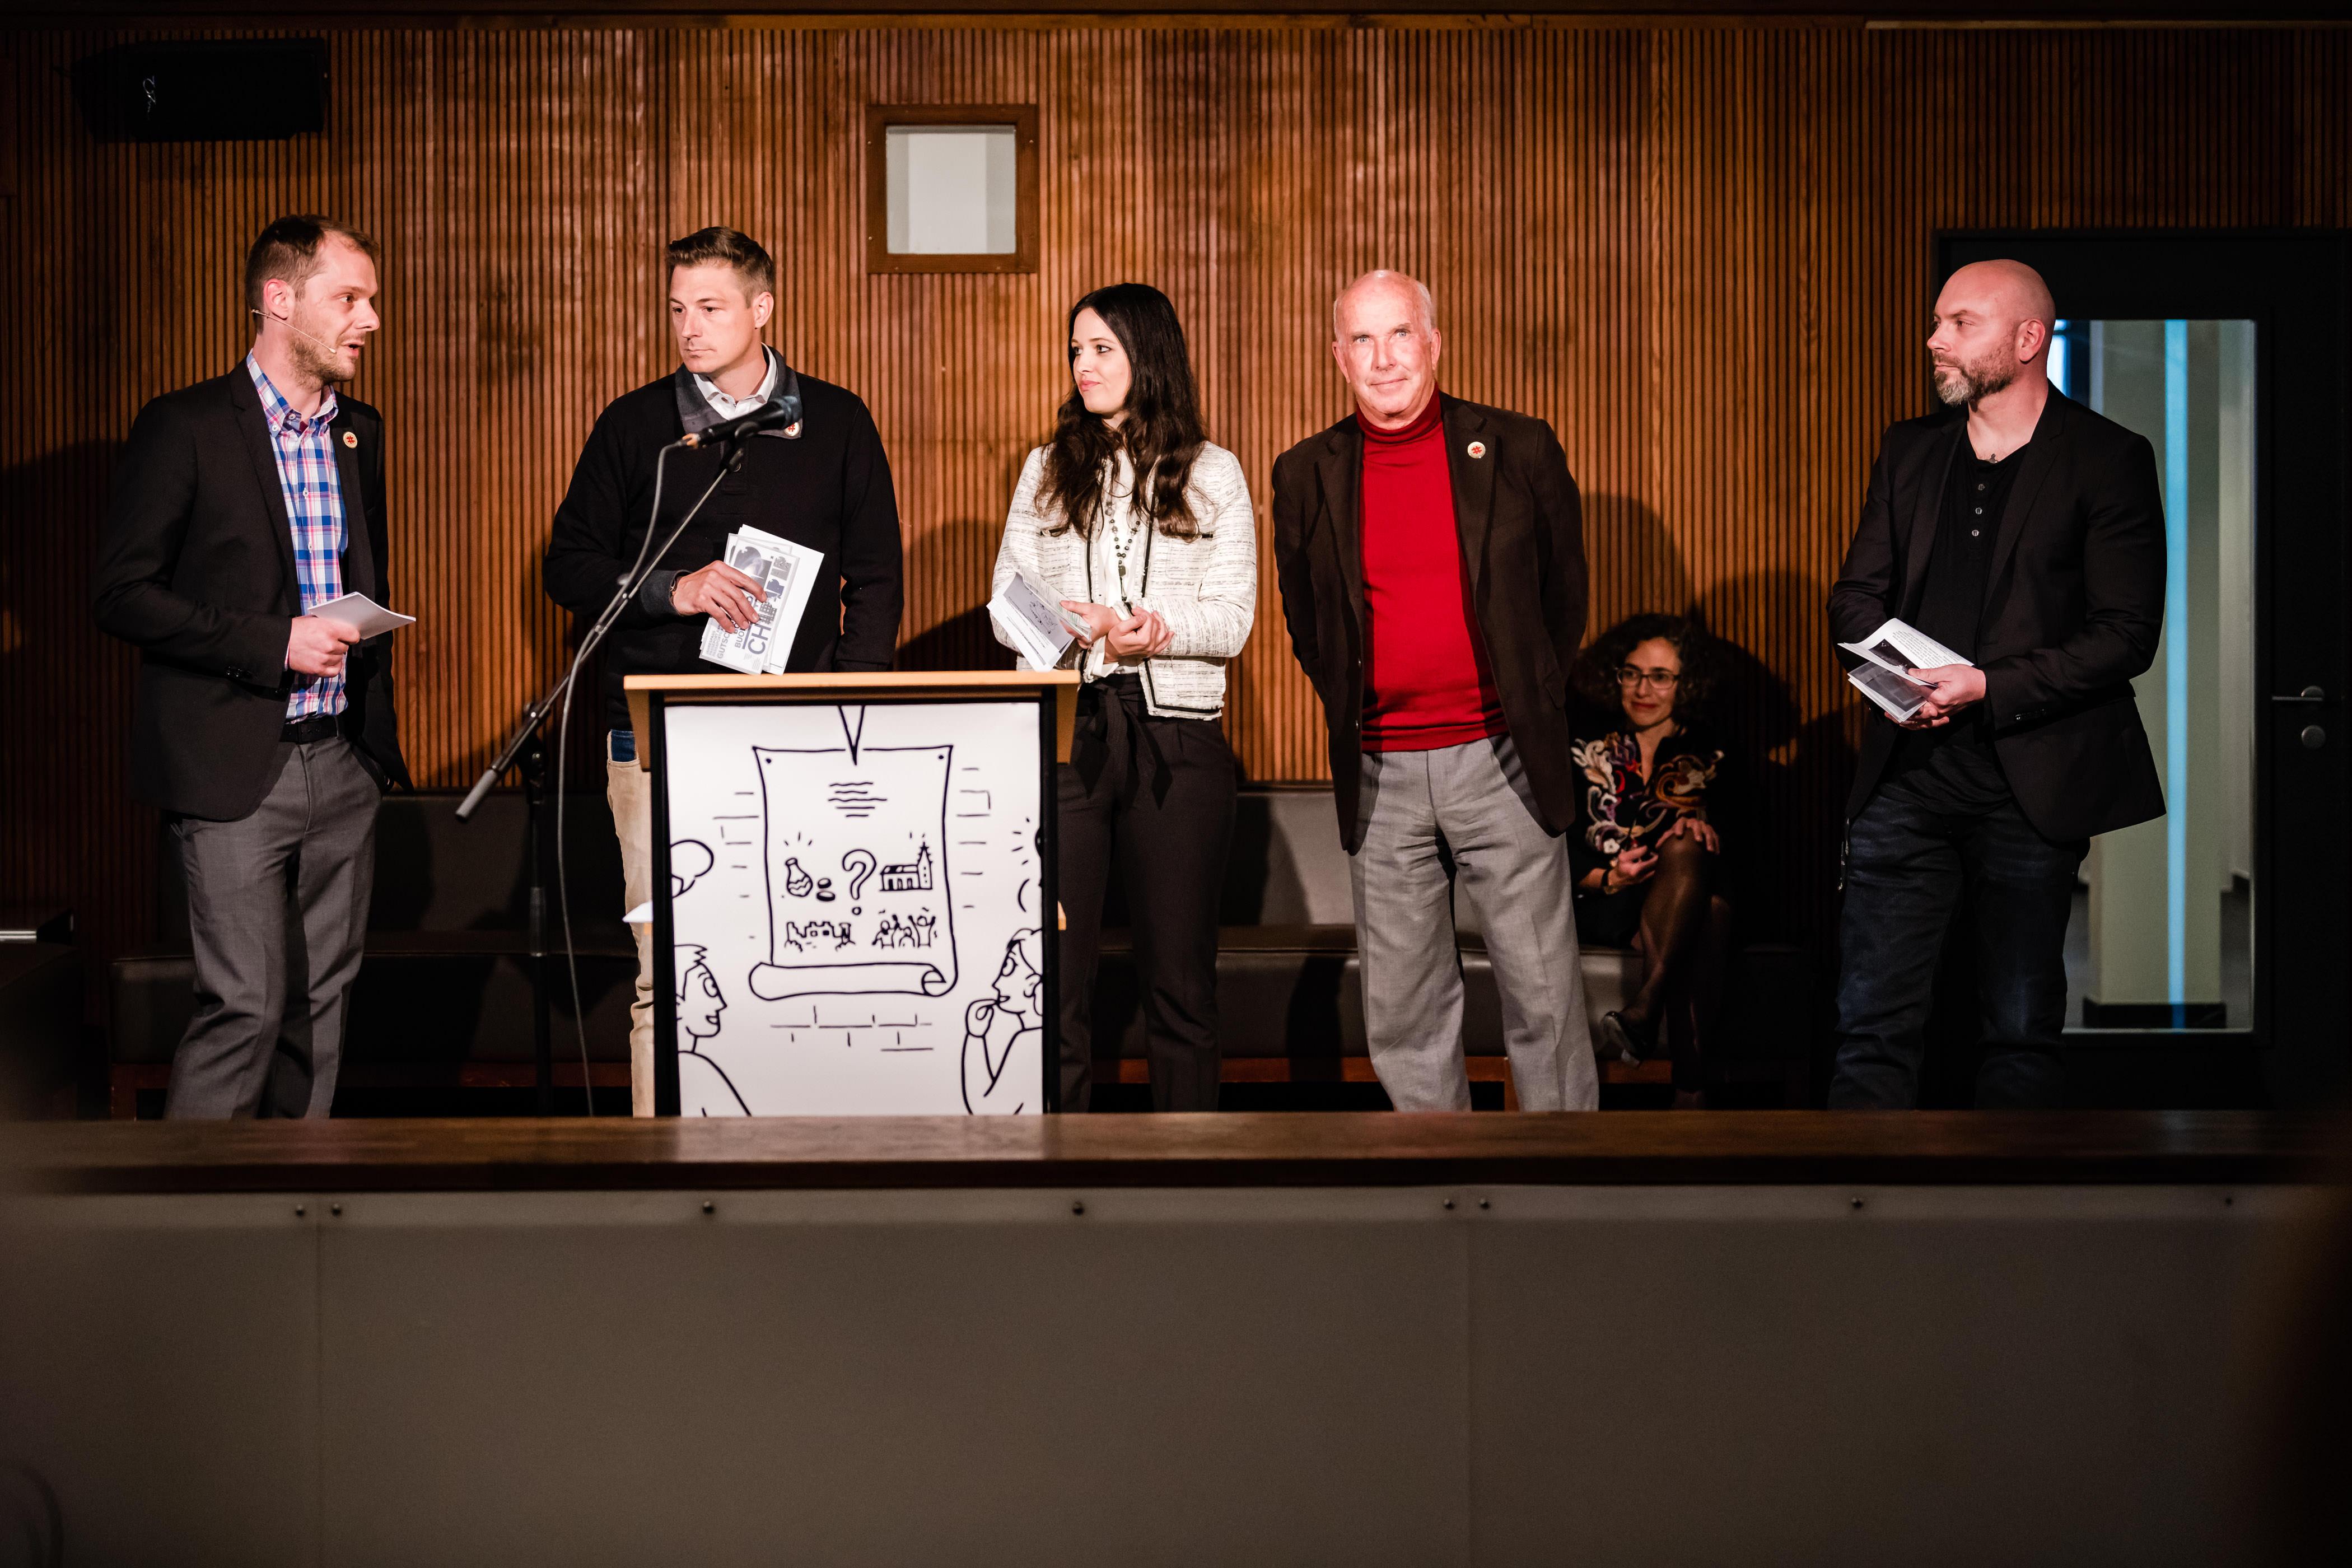 Andreas Teuscher & Jury